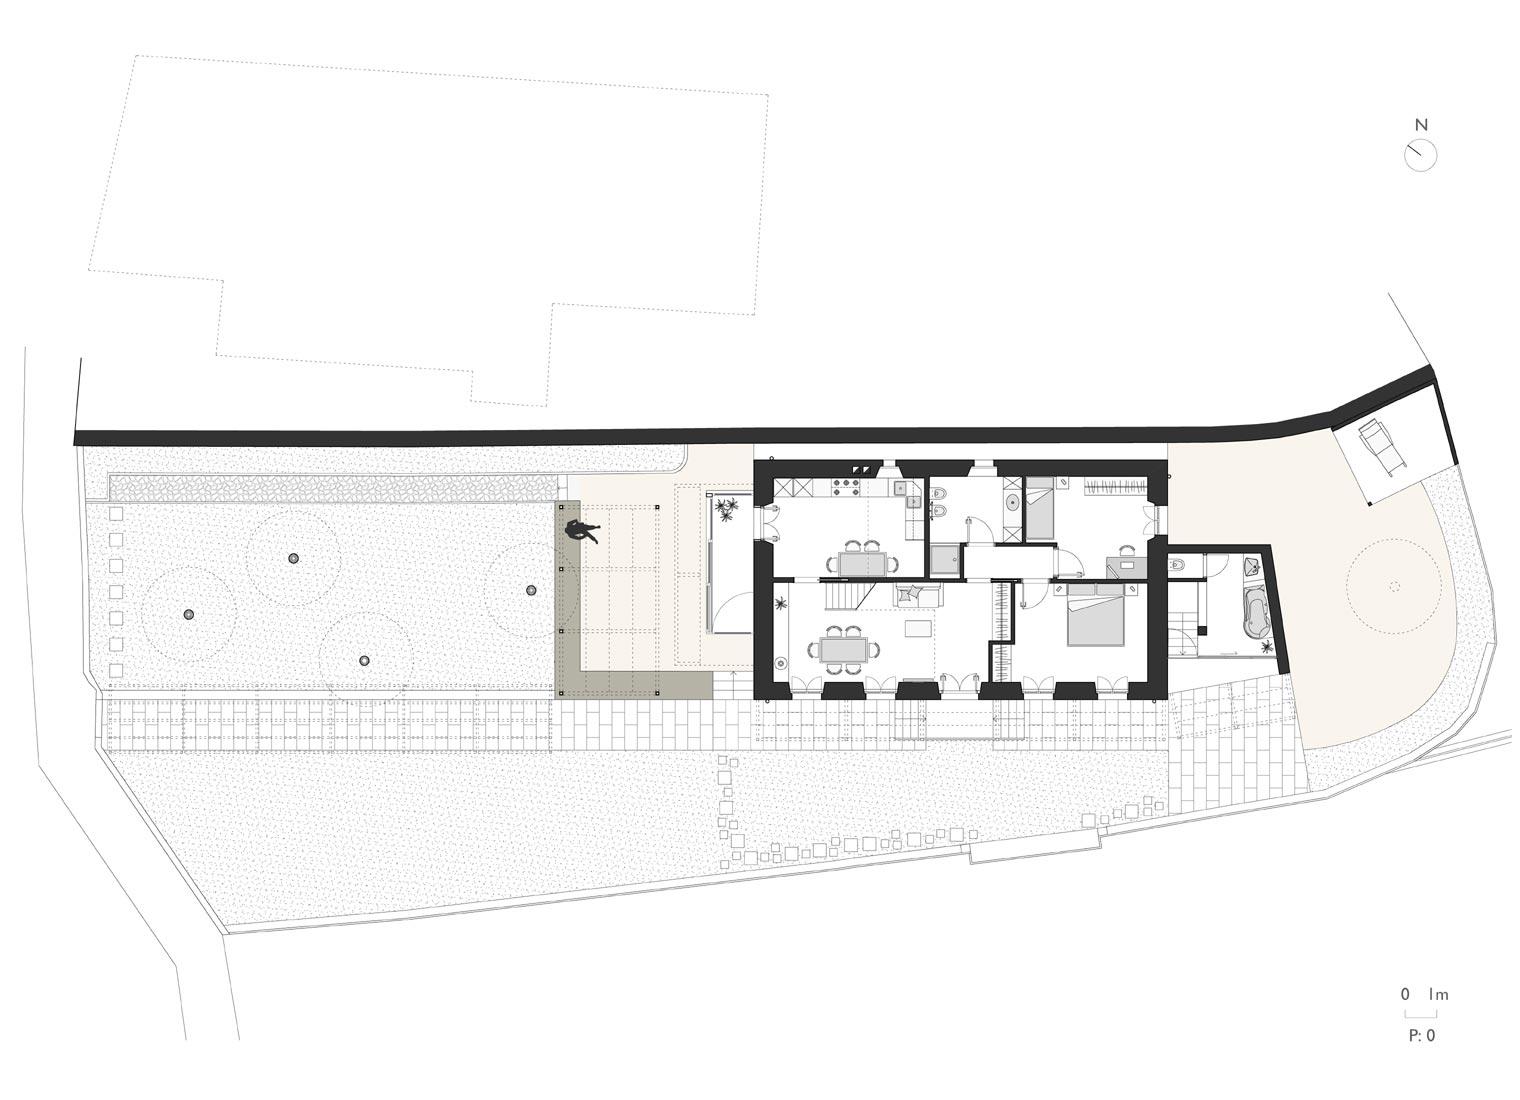 vk-architetti_bonafata_plan0